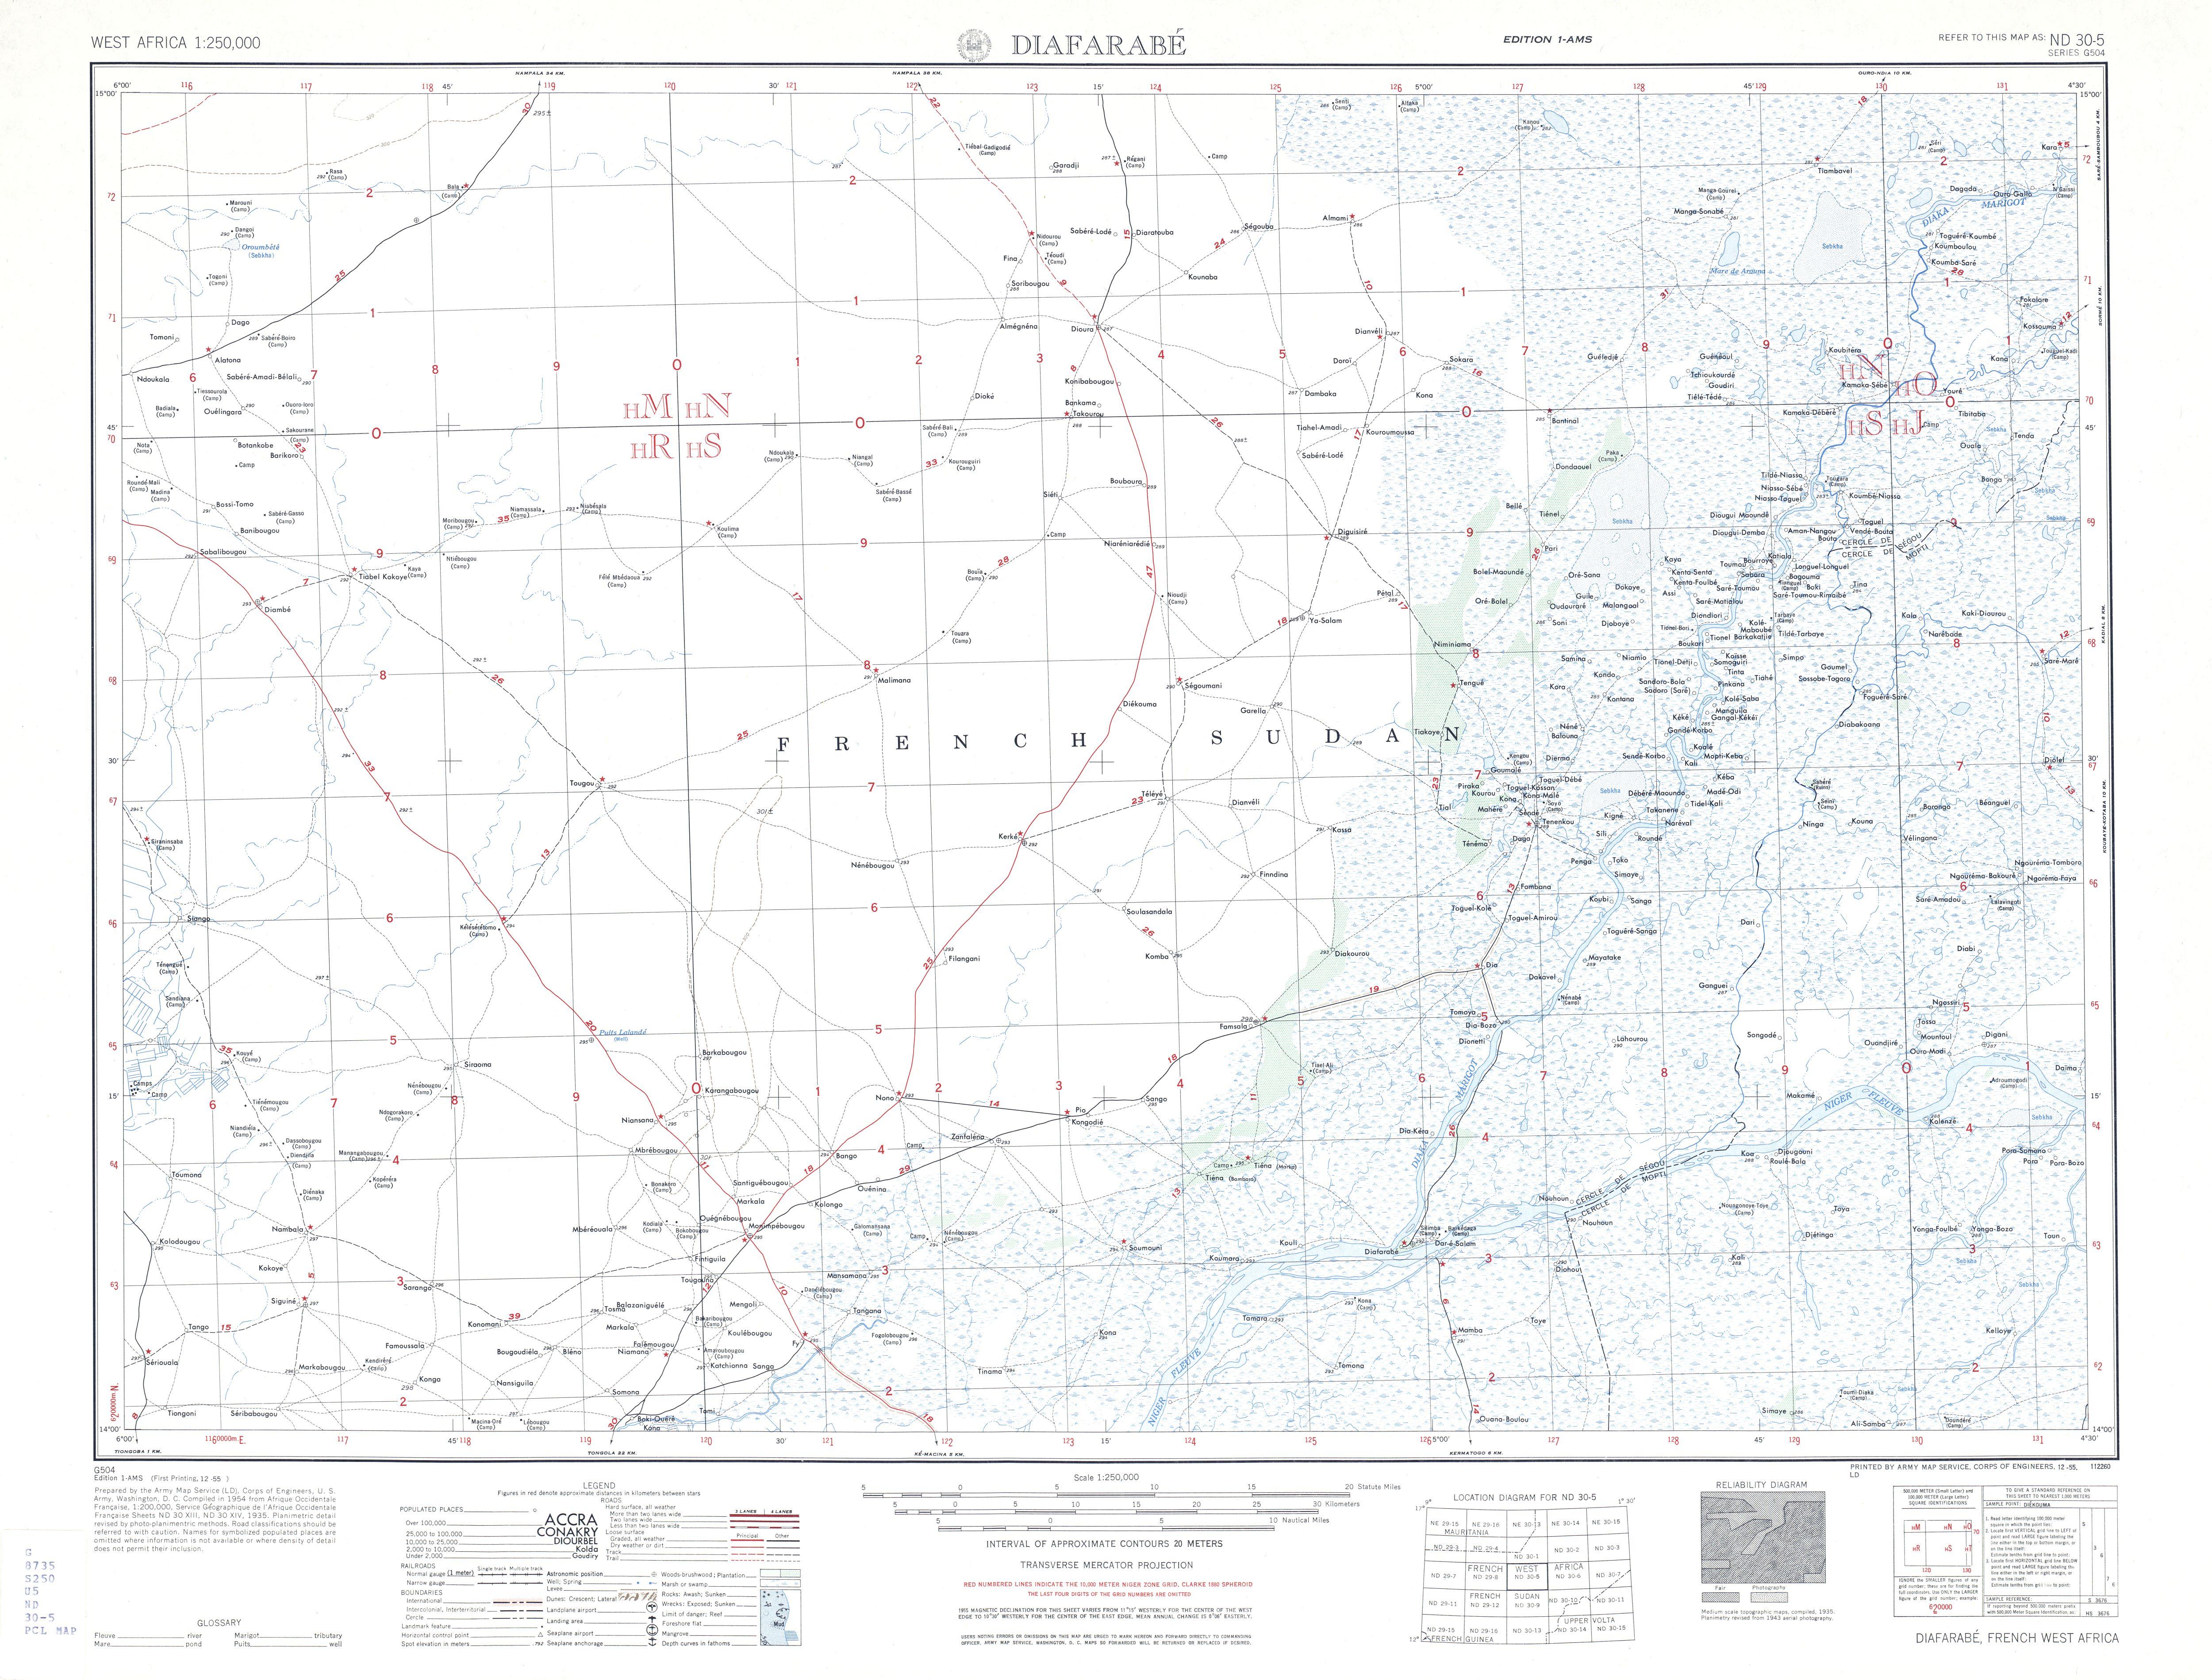 Hoja Diafarabe del Mapa Topográfico de África Occidental 1955